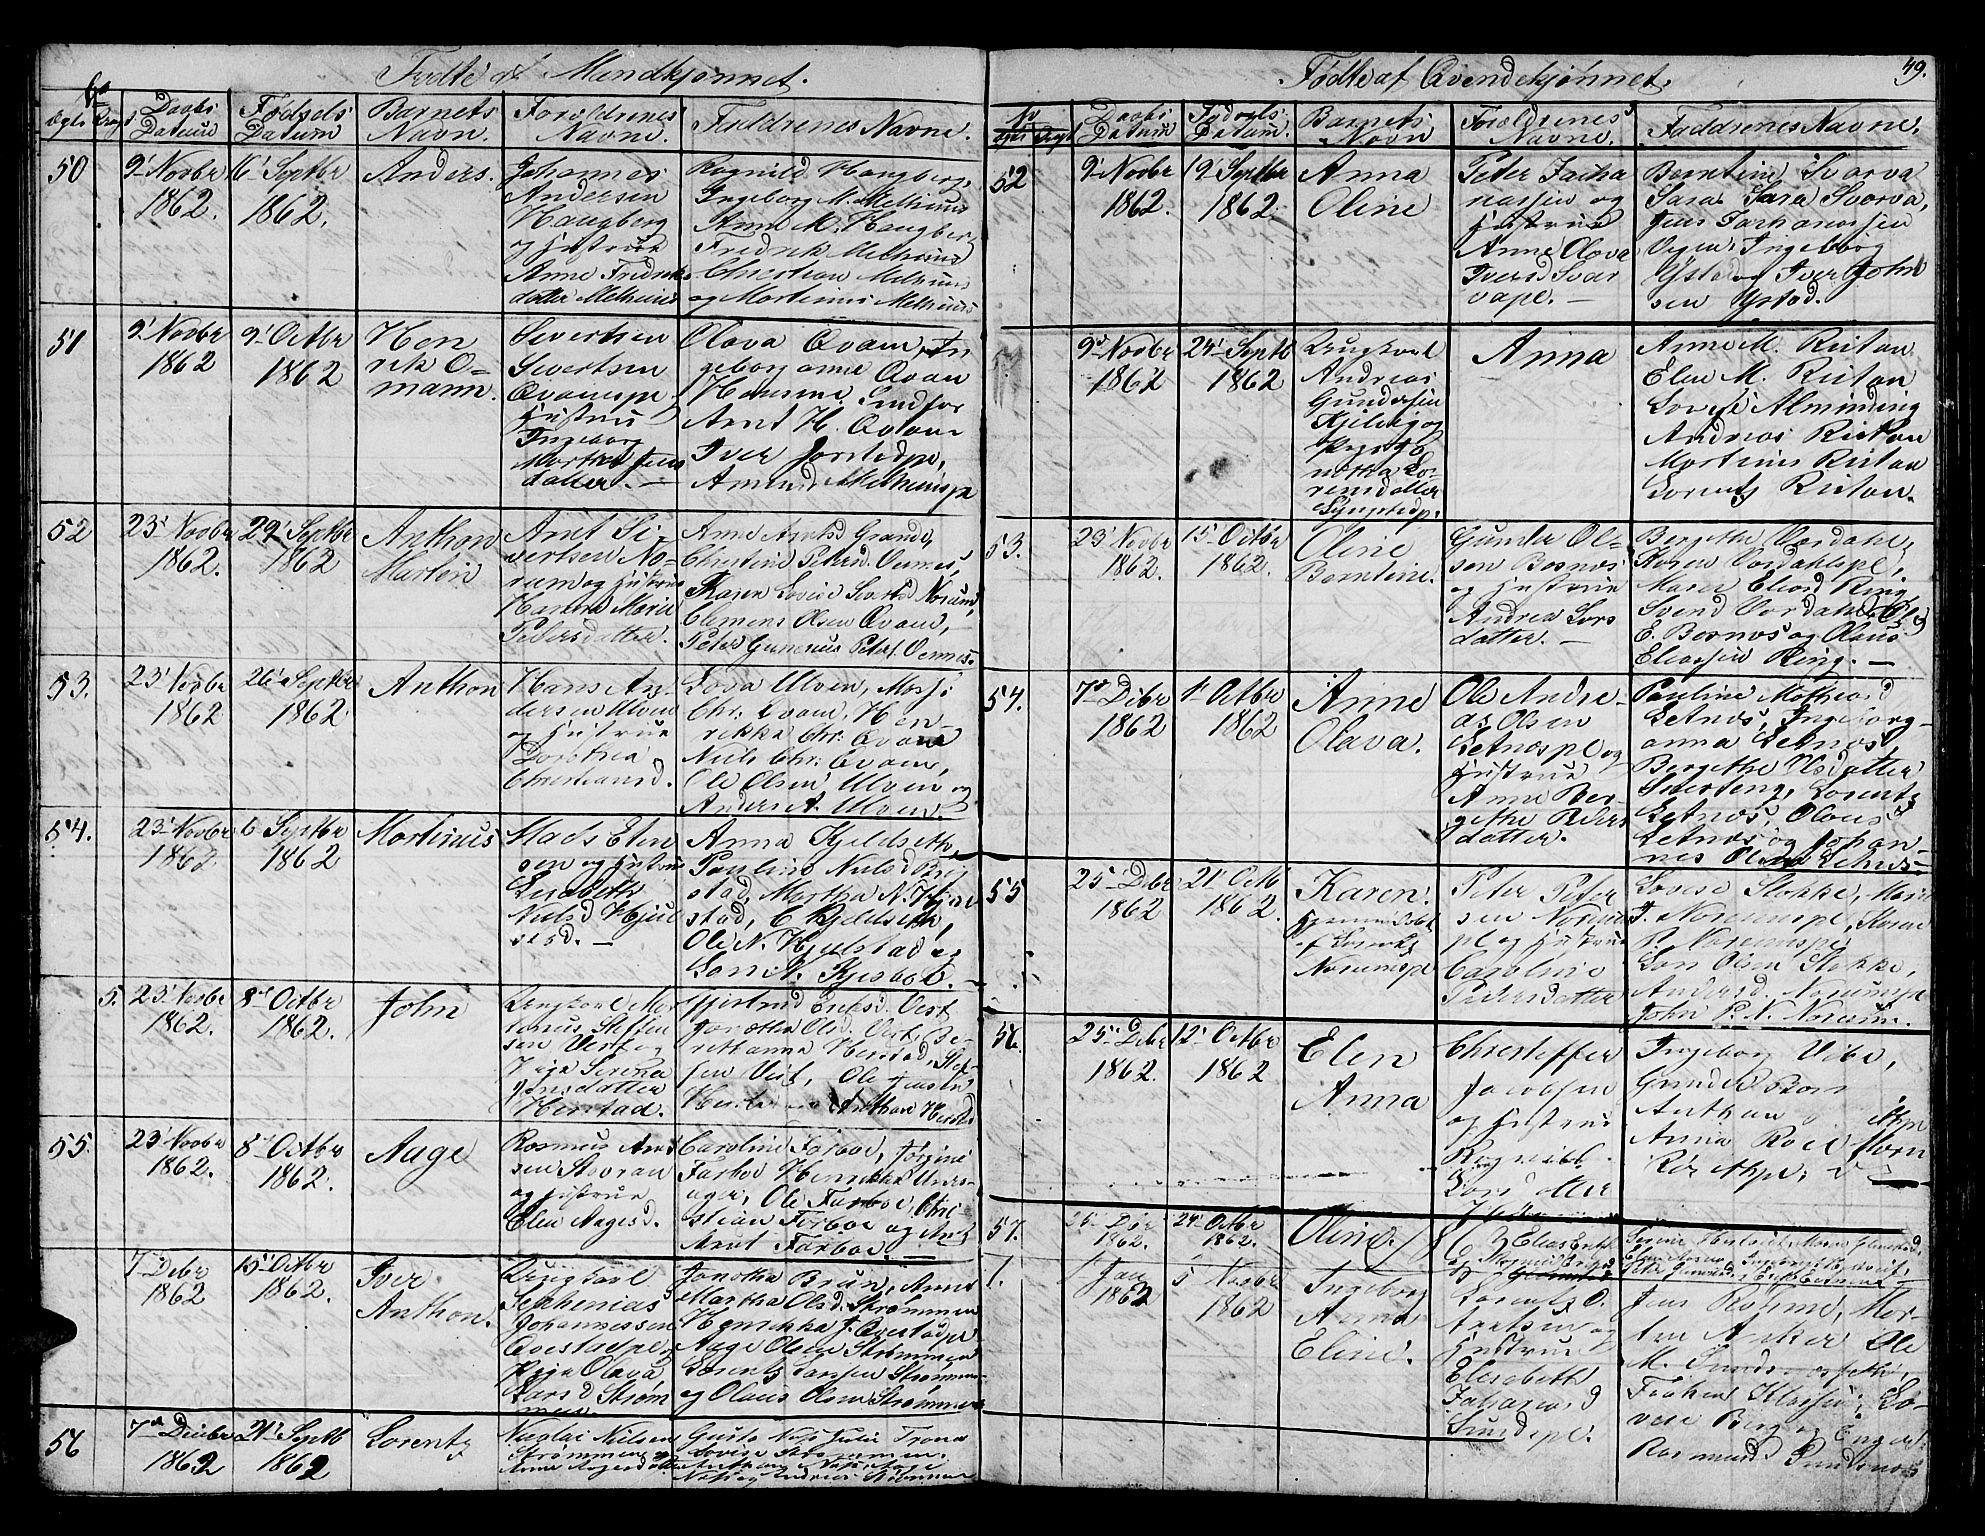 SAT, Ministerialprotokoller, klokkerbøker og fødselsregistre - Nord-Trøndelag, 730/L0299: Klokkerbok nr. 730C02, 1849-1871, s. 79